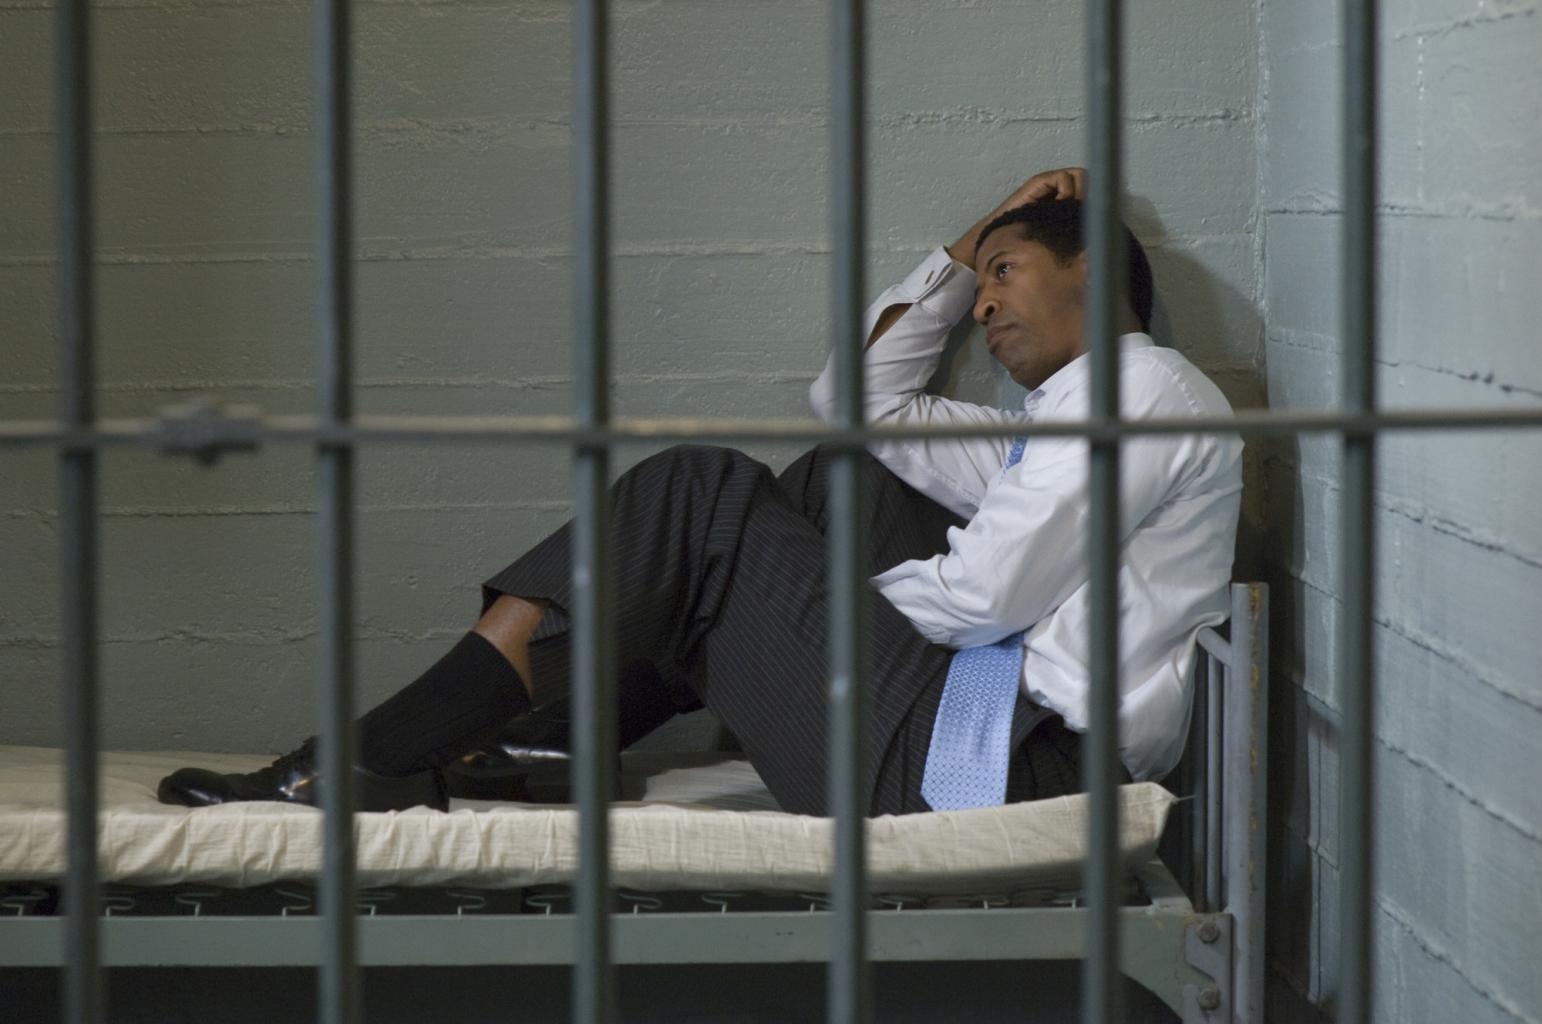 Der Mörder wird im Gefängnis für lange Zeit eingesperrt